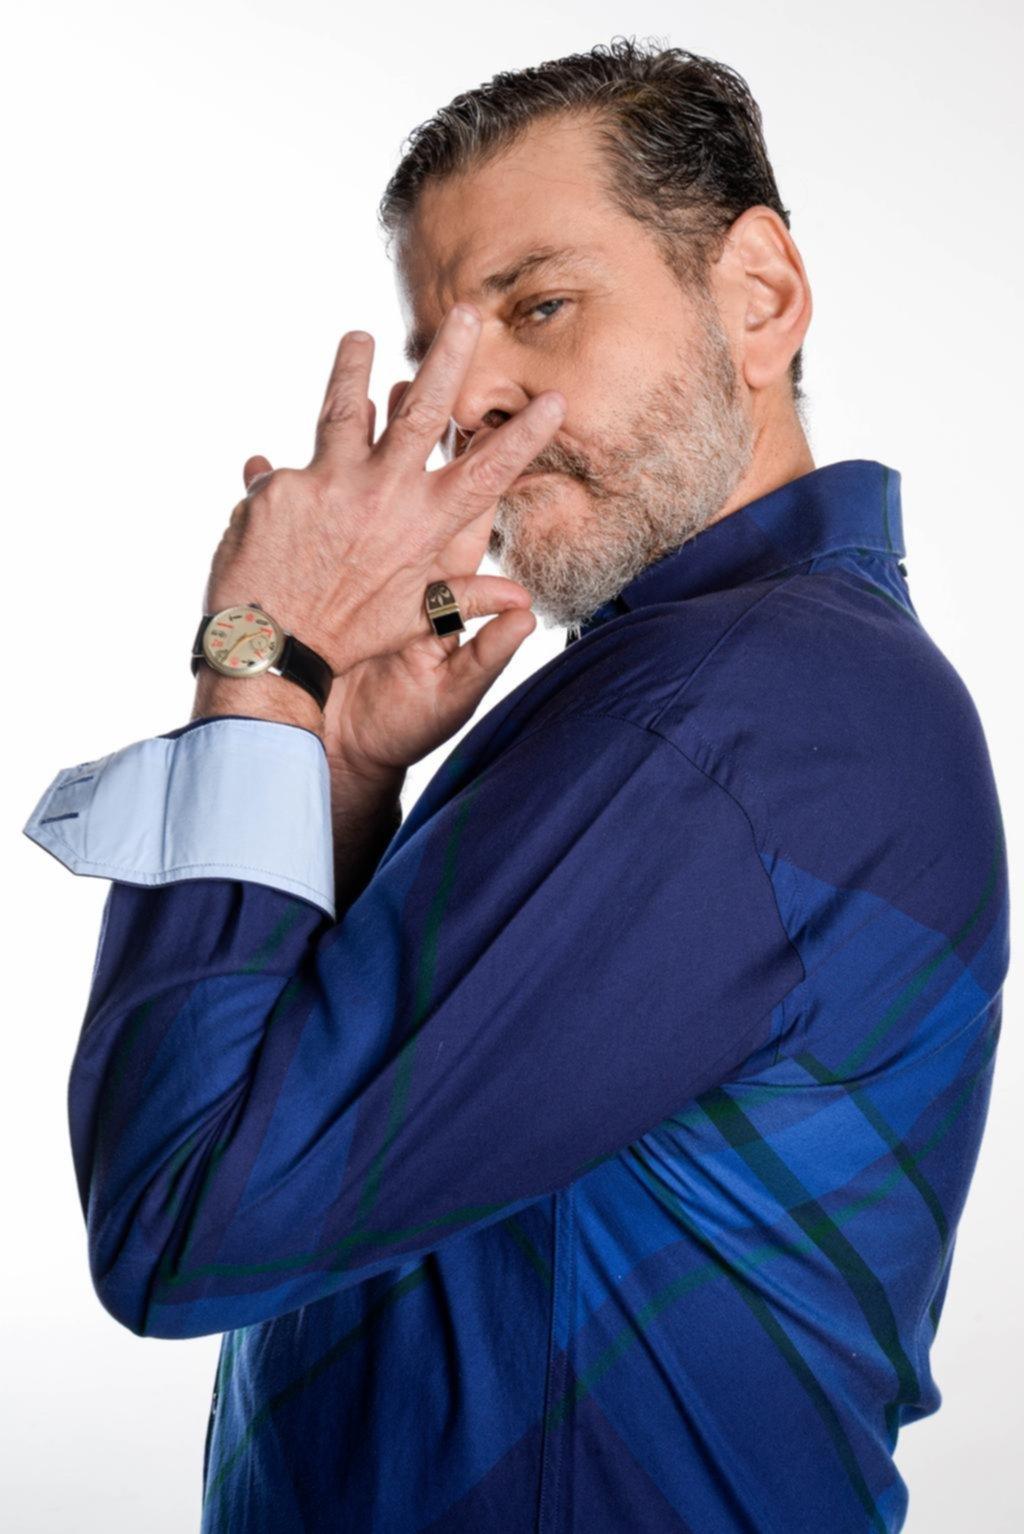 """Alfredo Casero en La Plata: """"Si a alguien no le gusta lo que digo, no le gusta: yo más jugado no puedo estar en lo mío"""""""